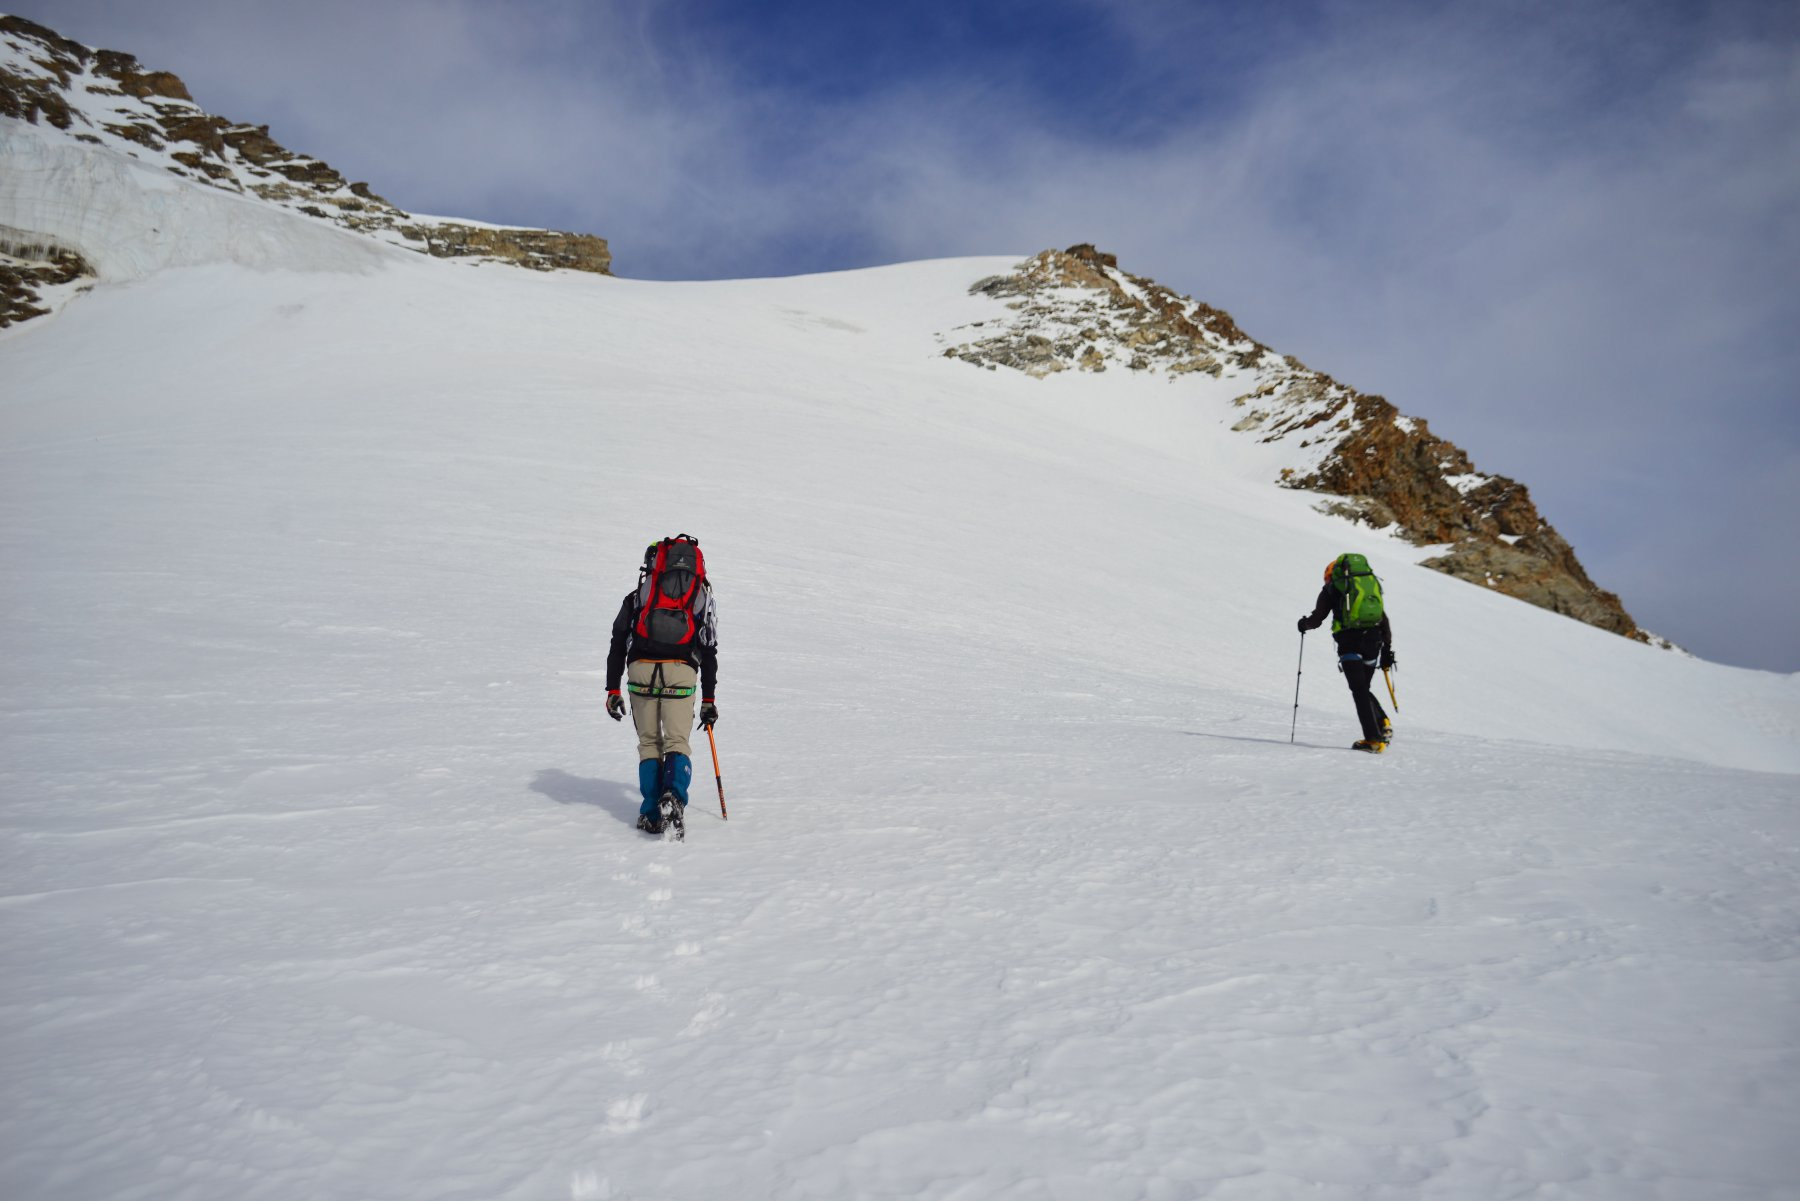 verso il ghiacciao con roccette a dx